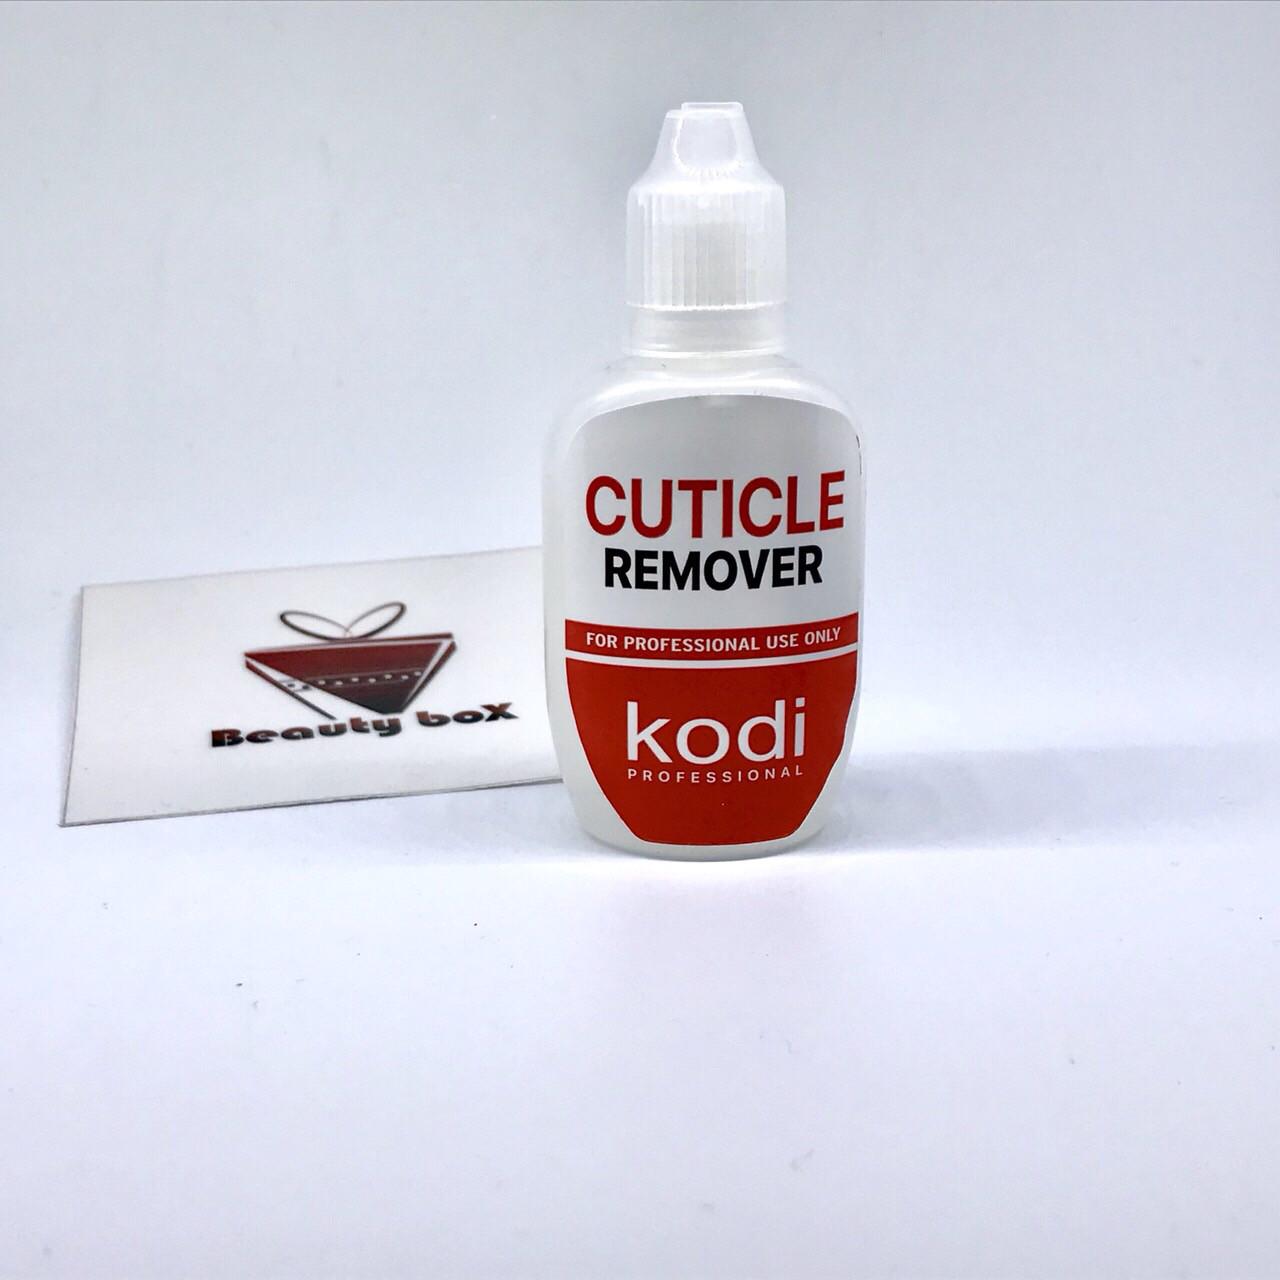 Ремувер для кутикулы Kodi 30 мл